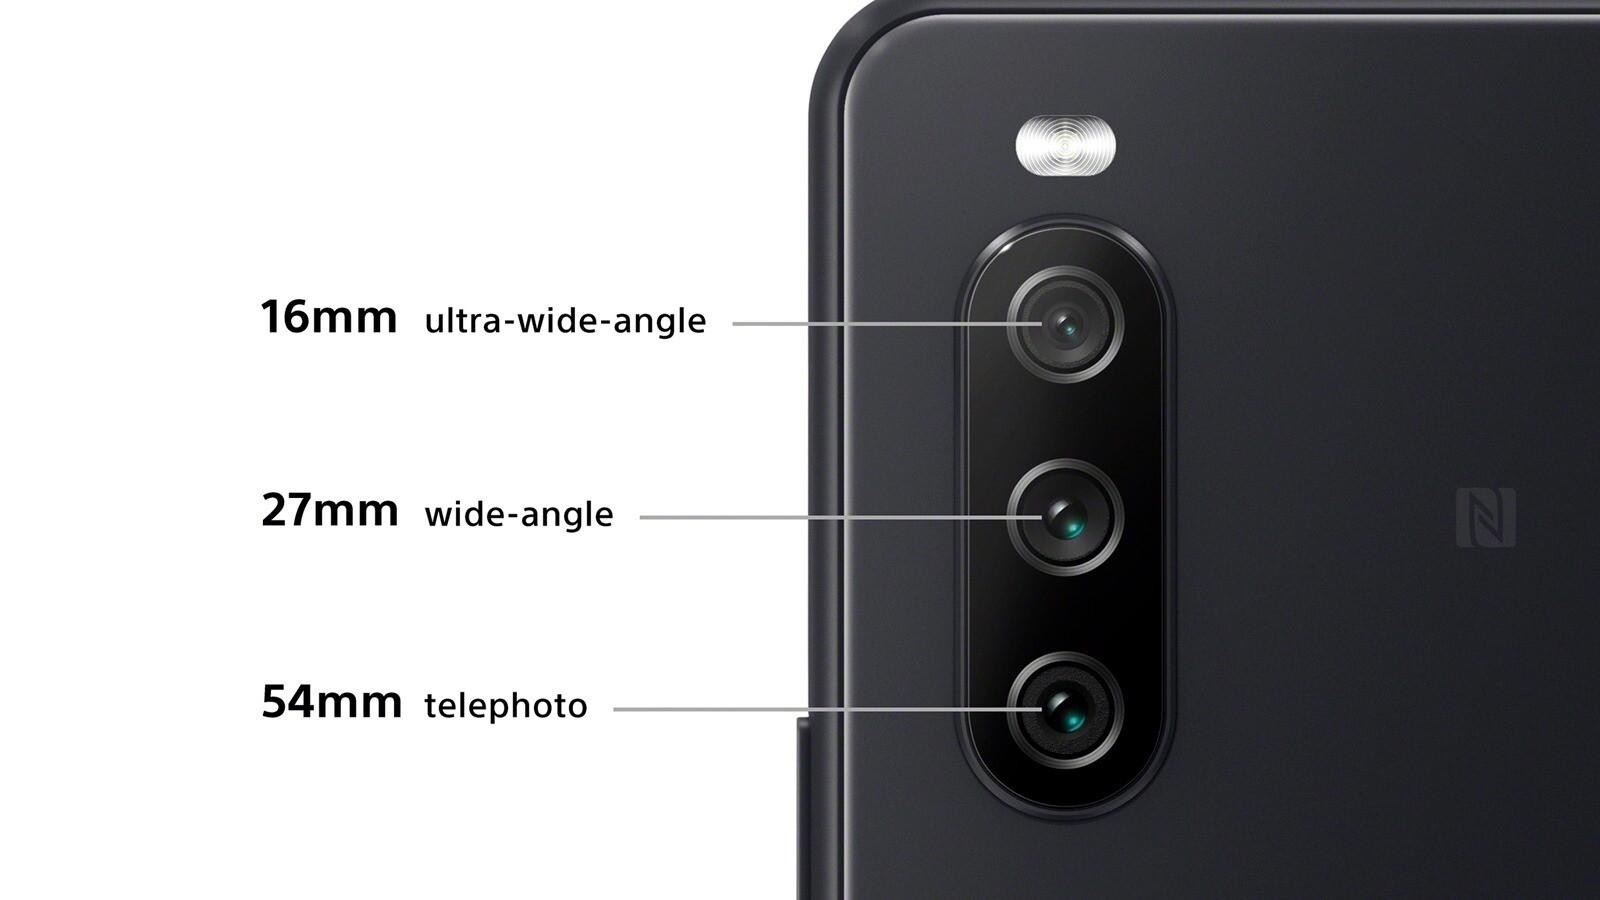 [台灣上市資訊] Xperia 10 III 在台繽紛登場 5G 生活輕鬆入手 娛樂體驗全方位進化! @3C 達人廖阿輝